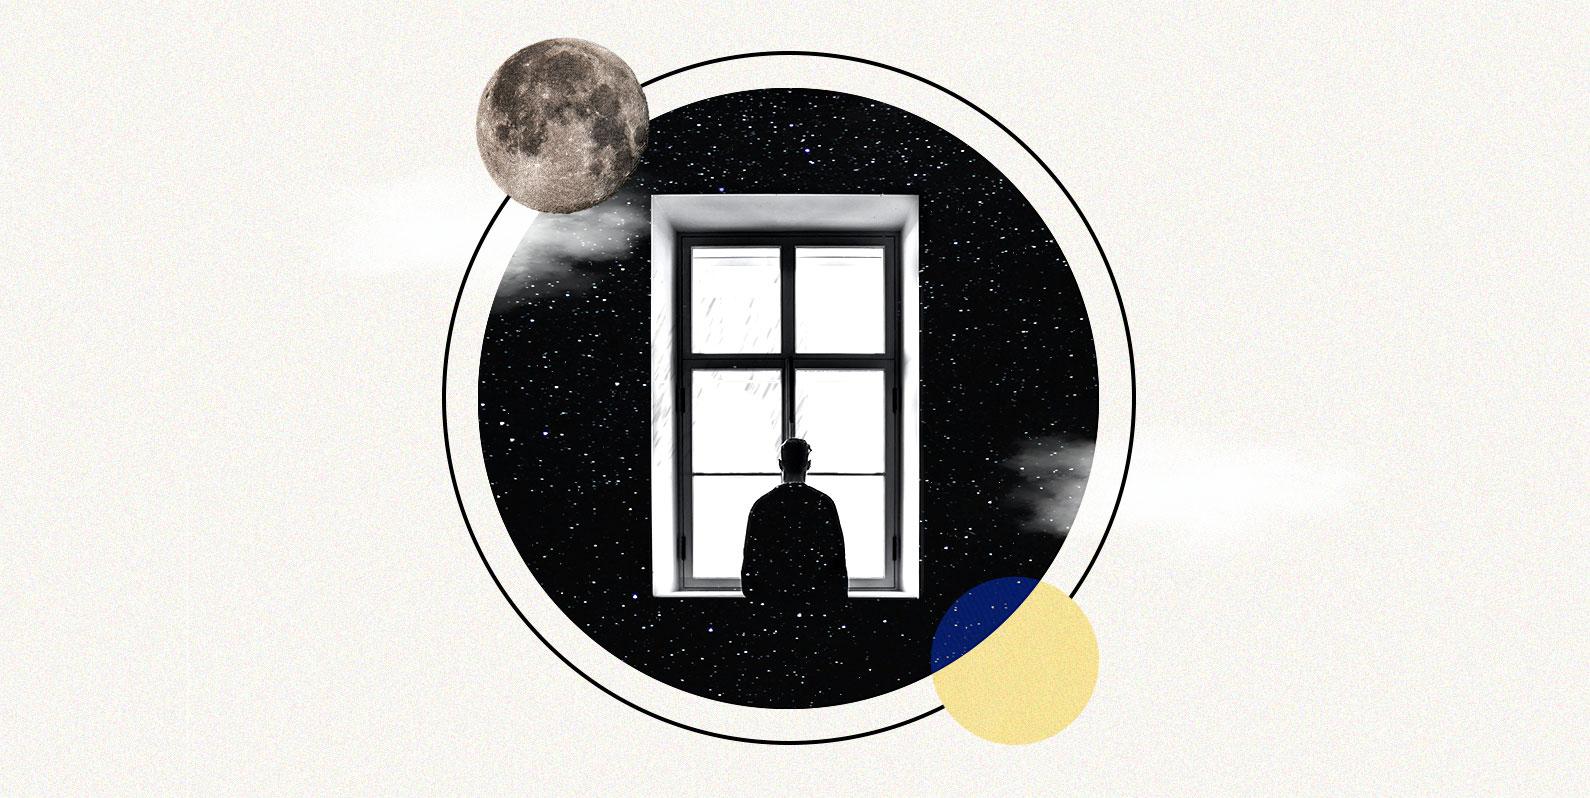 Por que nos sentimos sozinhos?